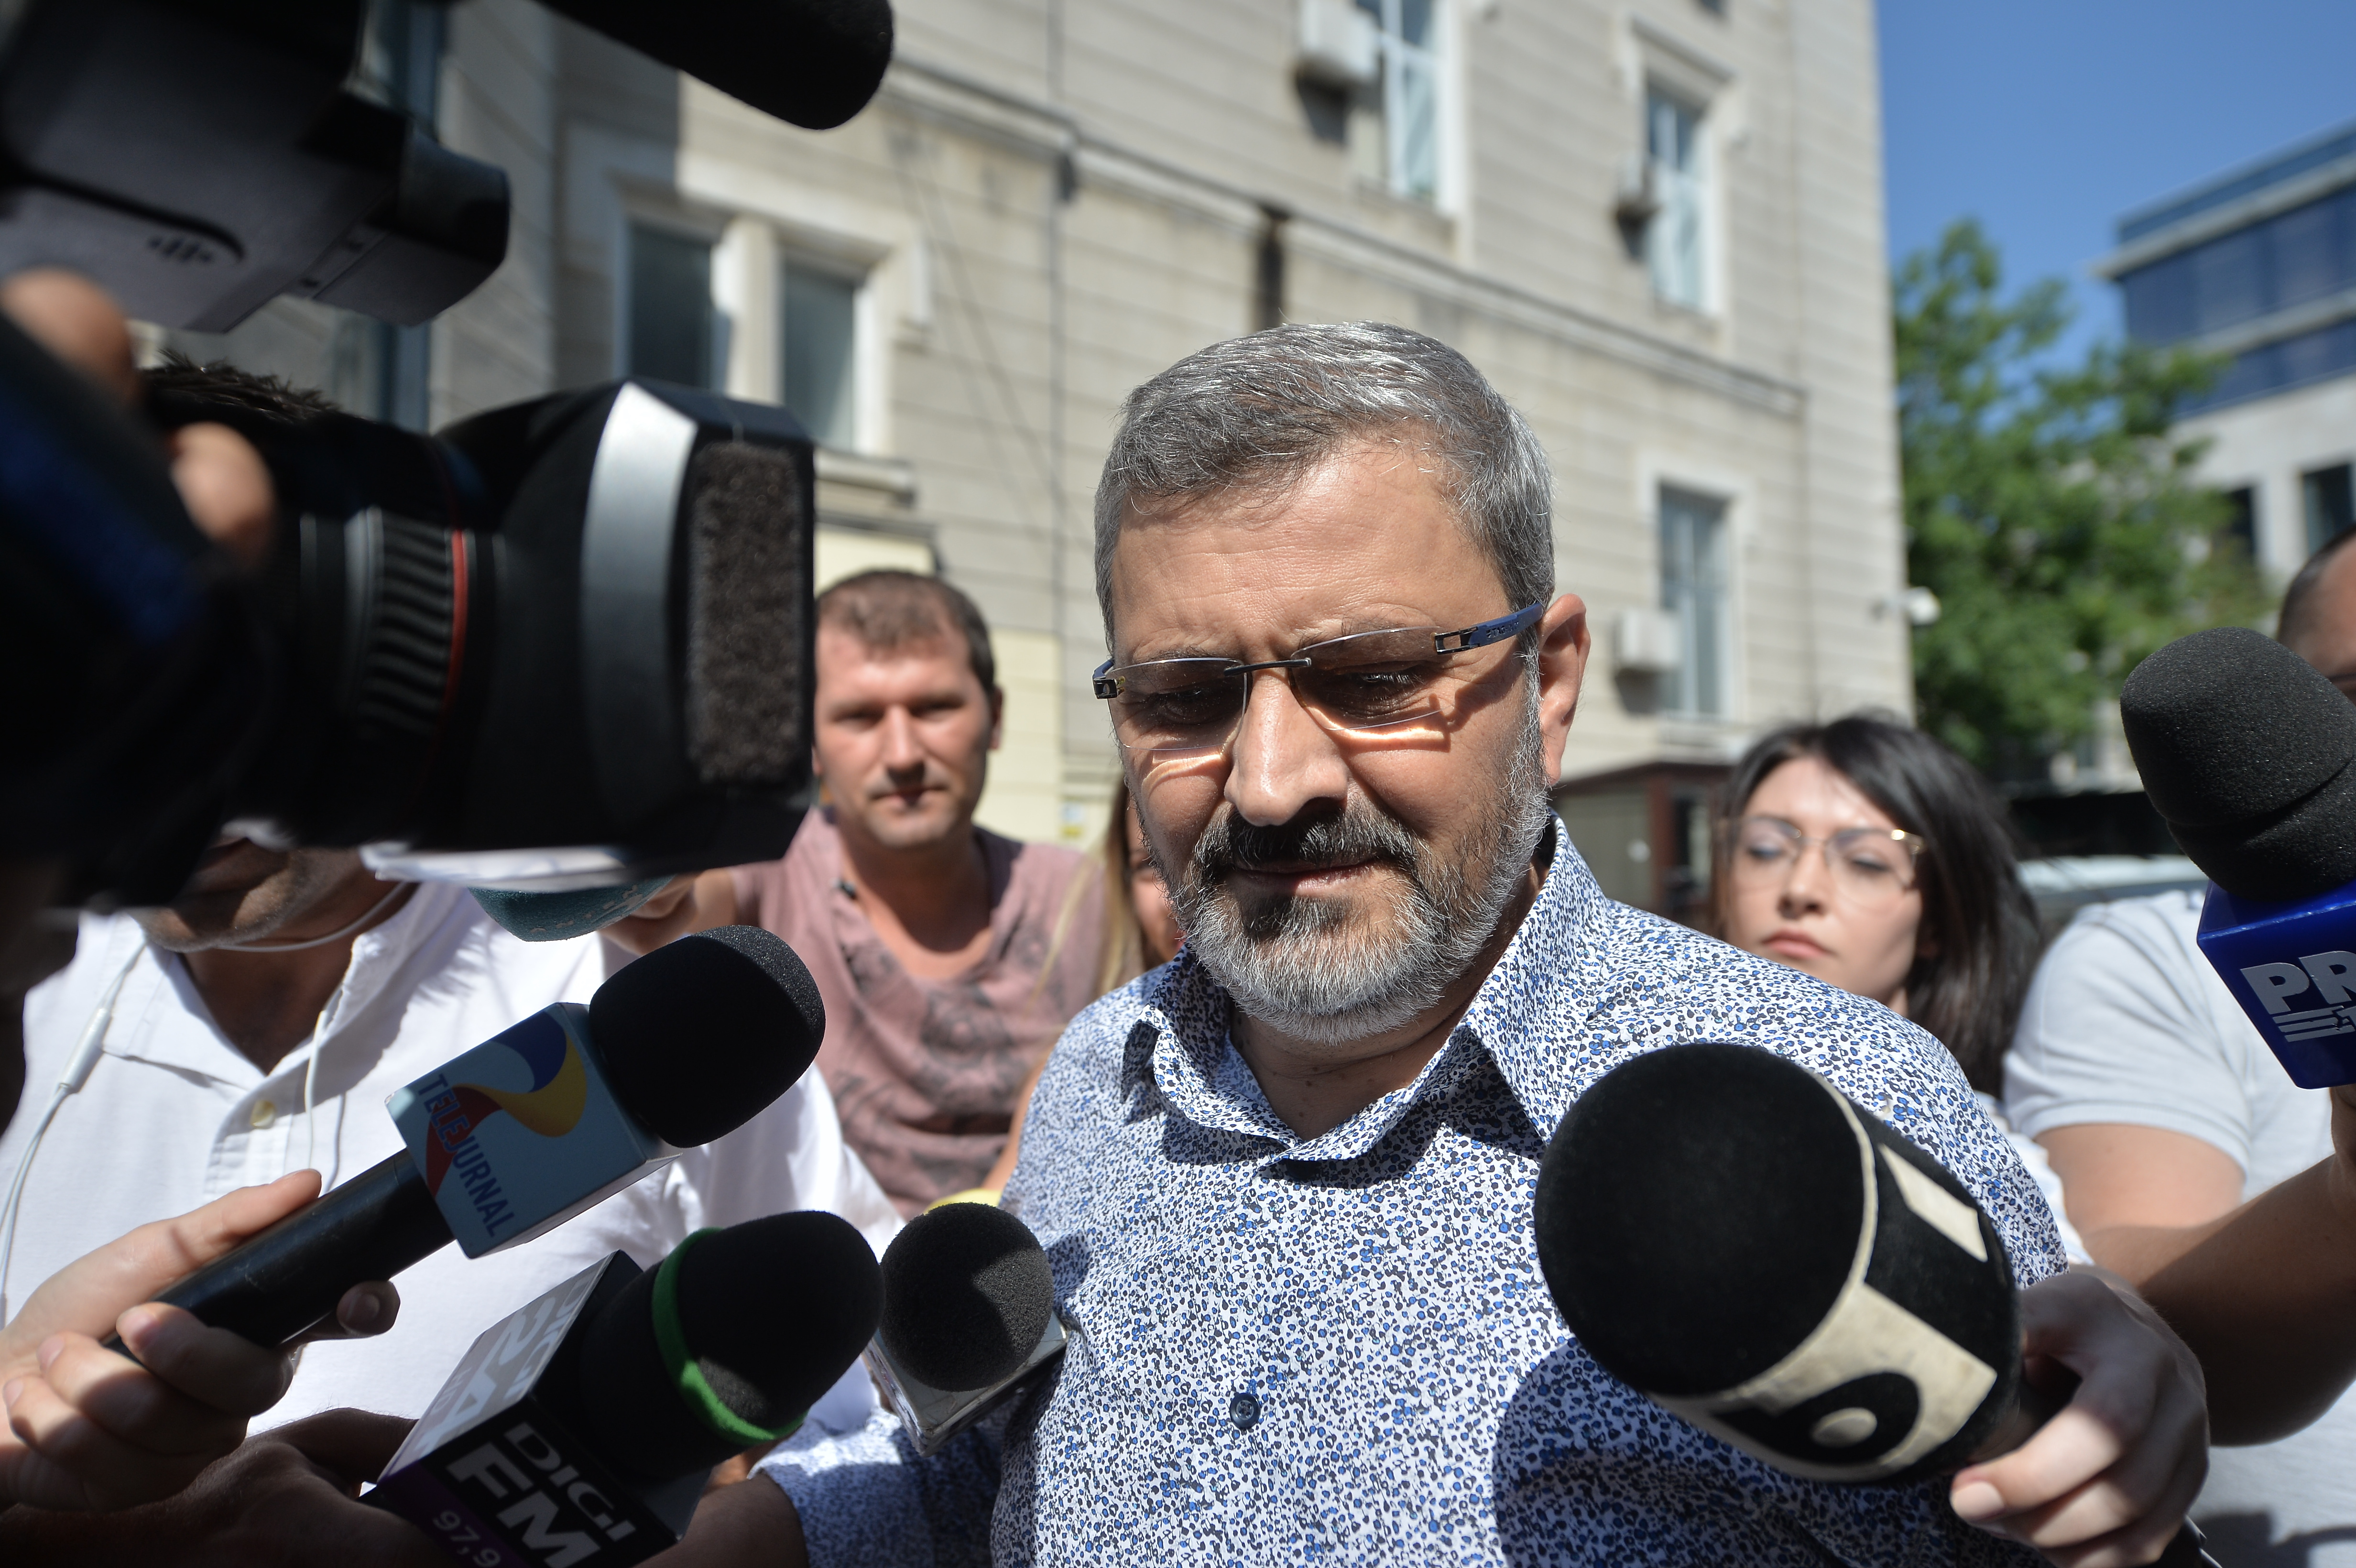 Dosarul Tel Drum | Directorul general adjunct Florea Neda este urmărit penal de DNA pentru înşelăciune/ Petre Piţiş, directorul general, după audiere, despre Liviu Dragnea: N-are absolut nicio calitate